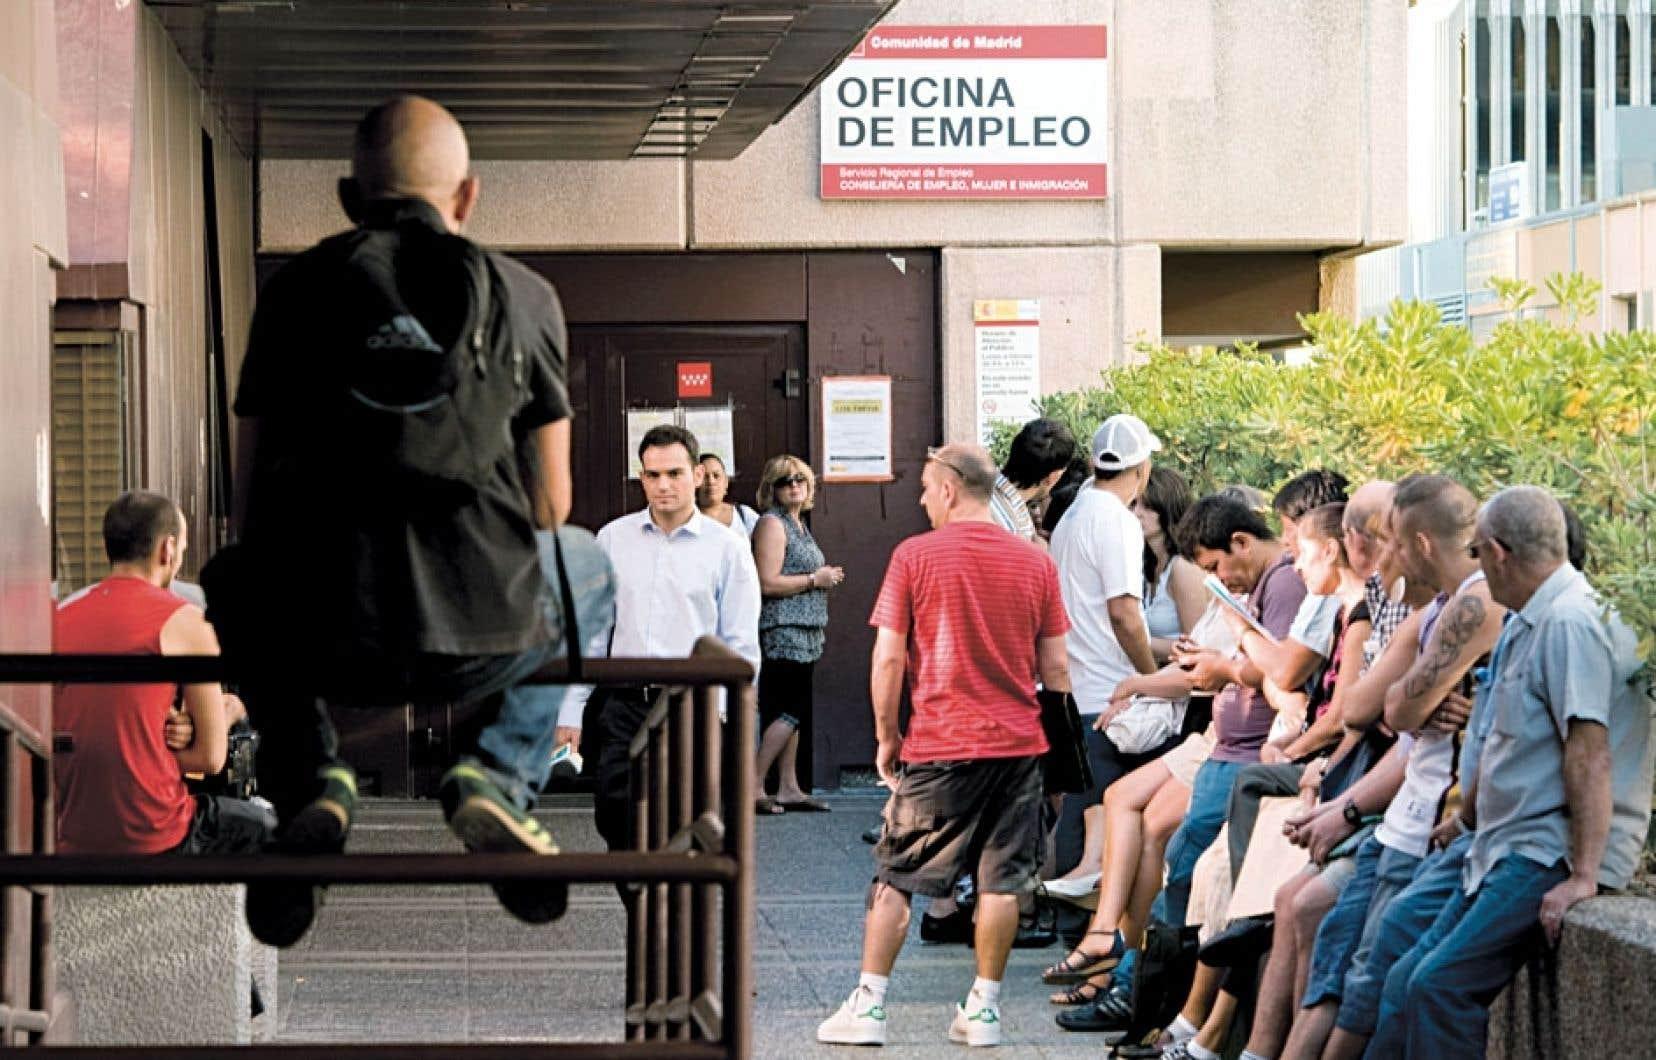 À Madrid, des sans-emploi font la file devant un bureau de l'emploi. L'Espagne est durement touchée par le chômage. Et c'est particulièrement vrai chez les jeunes, le taux de chômage étant de 55,7 % dans leur cas.